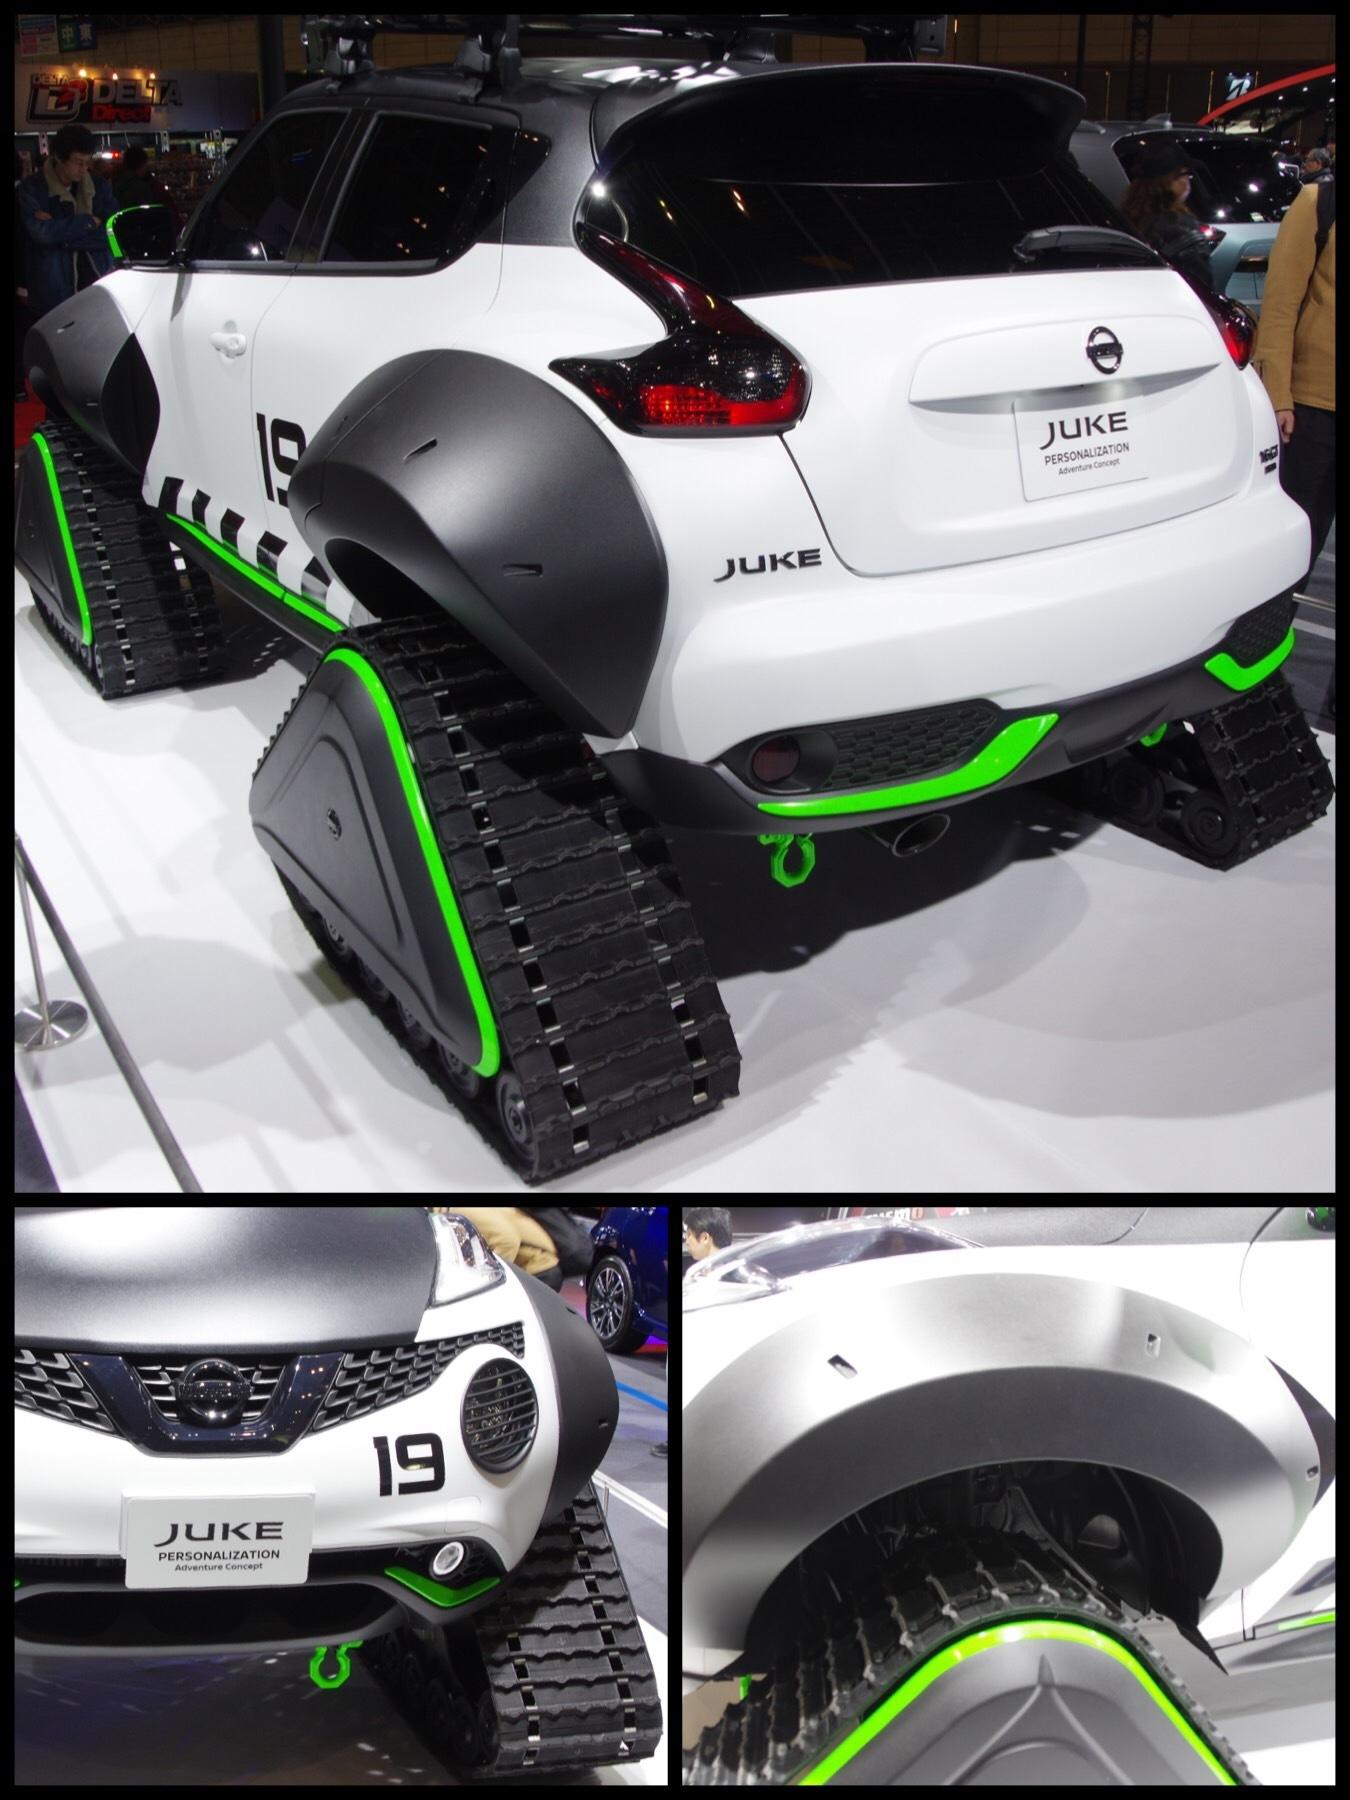 東京オートサロン2019 日産 juke personalization adventure concept